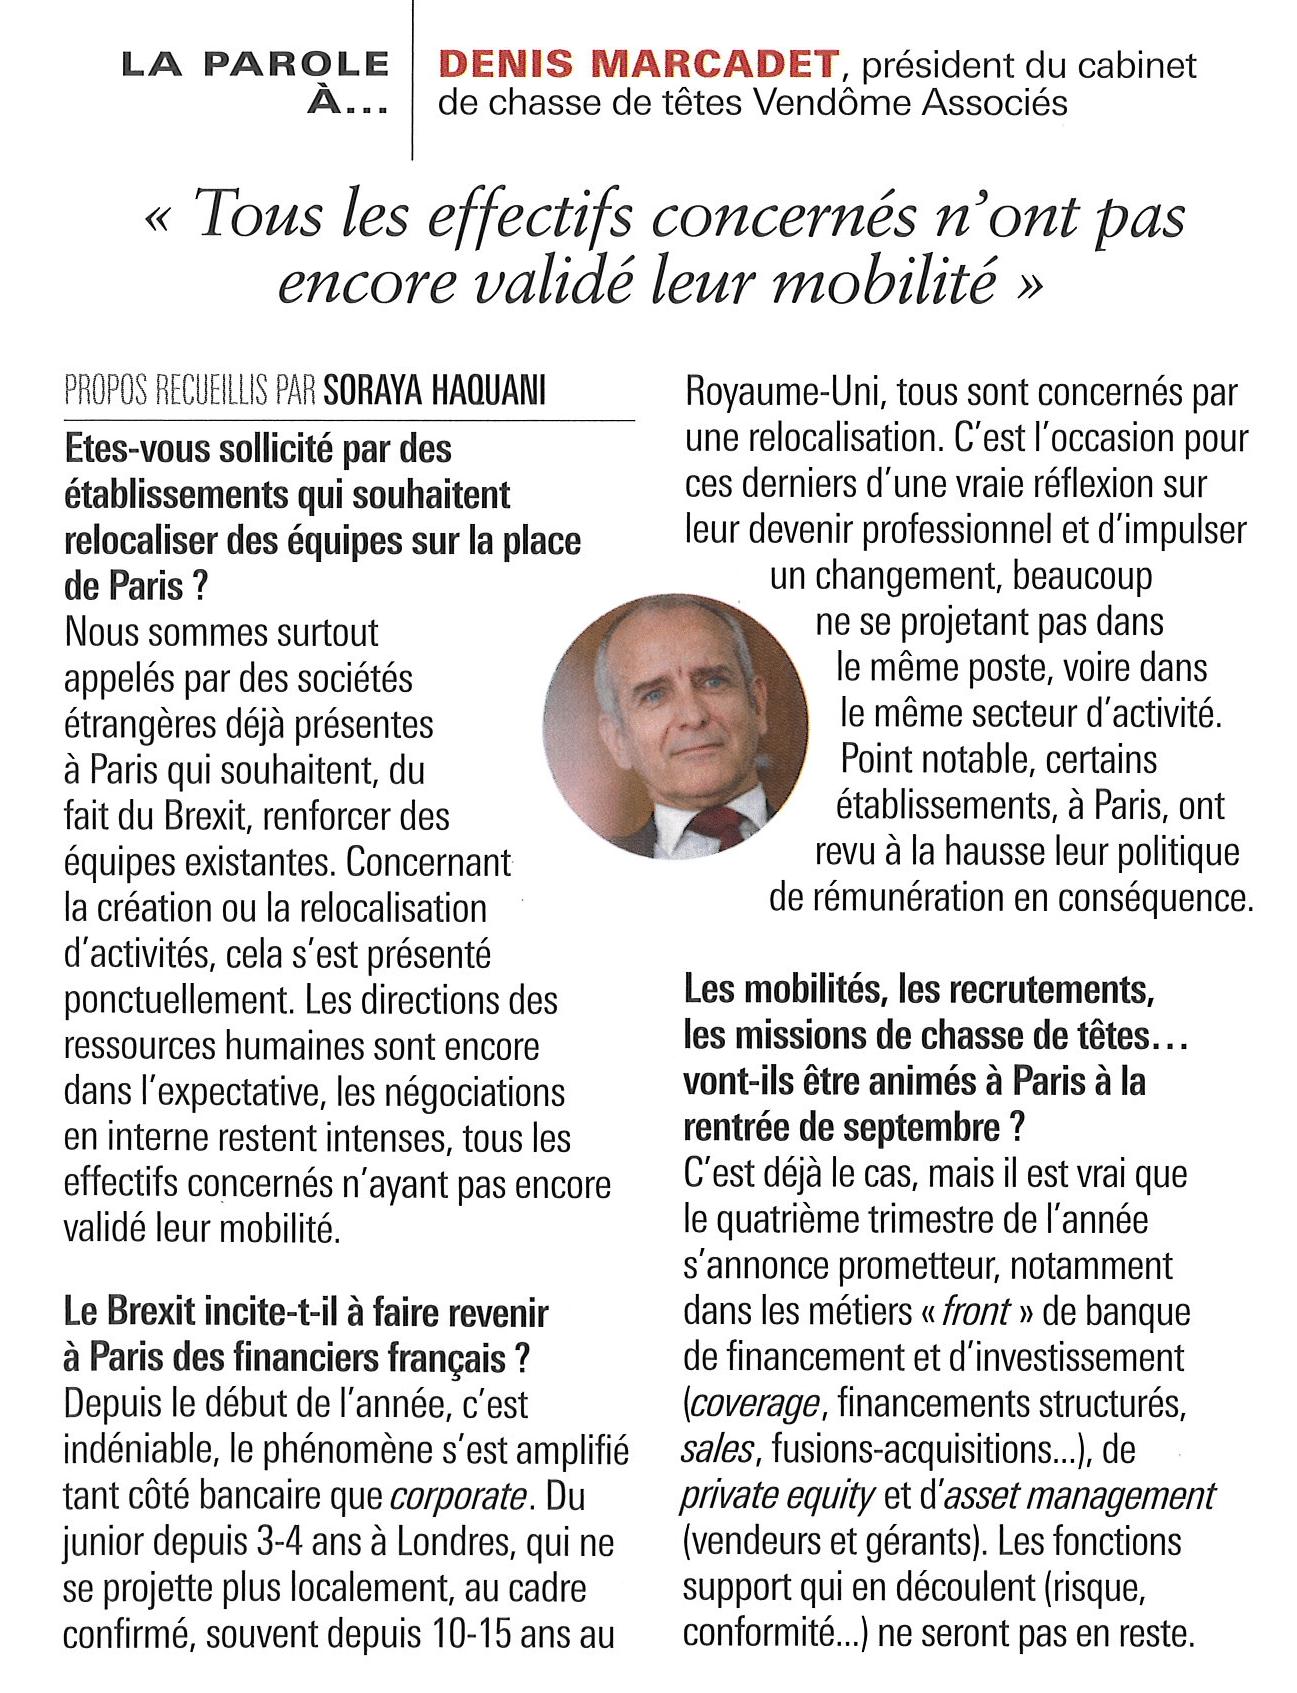 La parole à Denis Marcadet